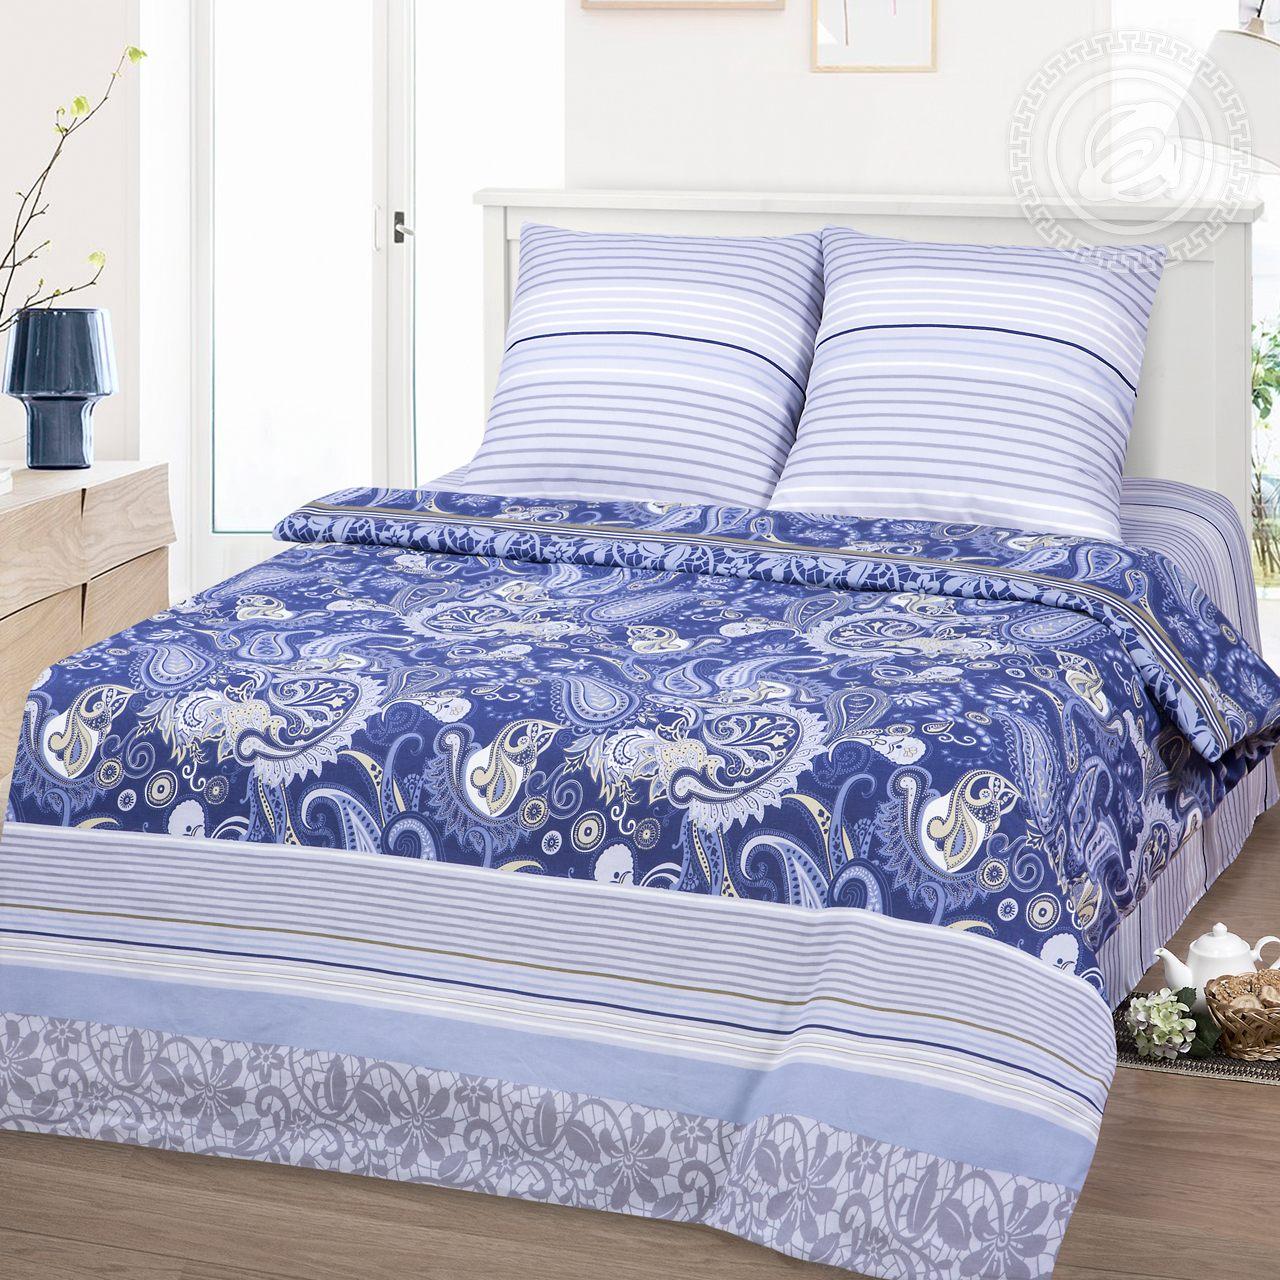 цена на Постельное белье iv46250 (бязь) (1,5 спальный)